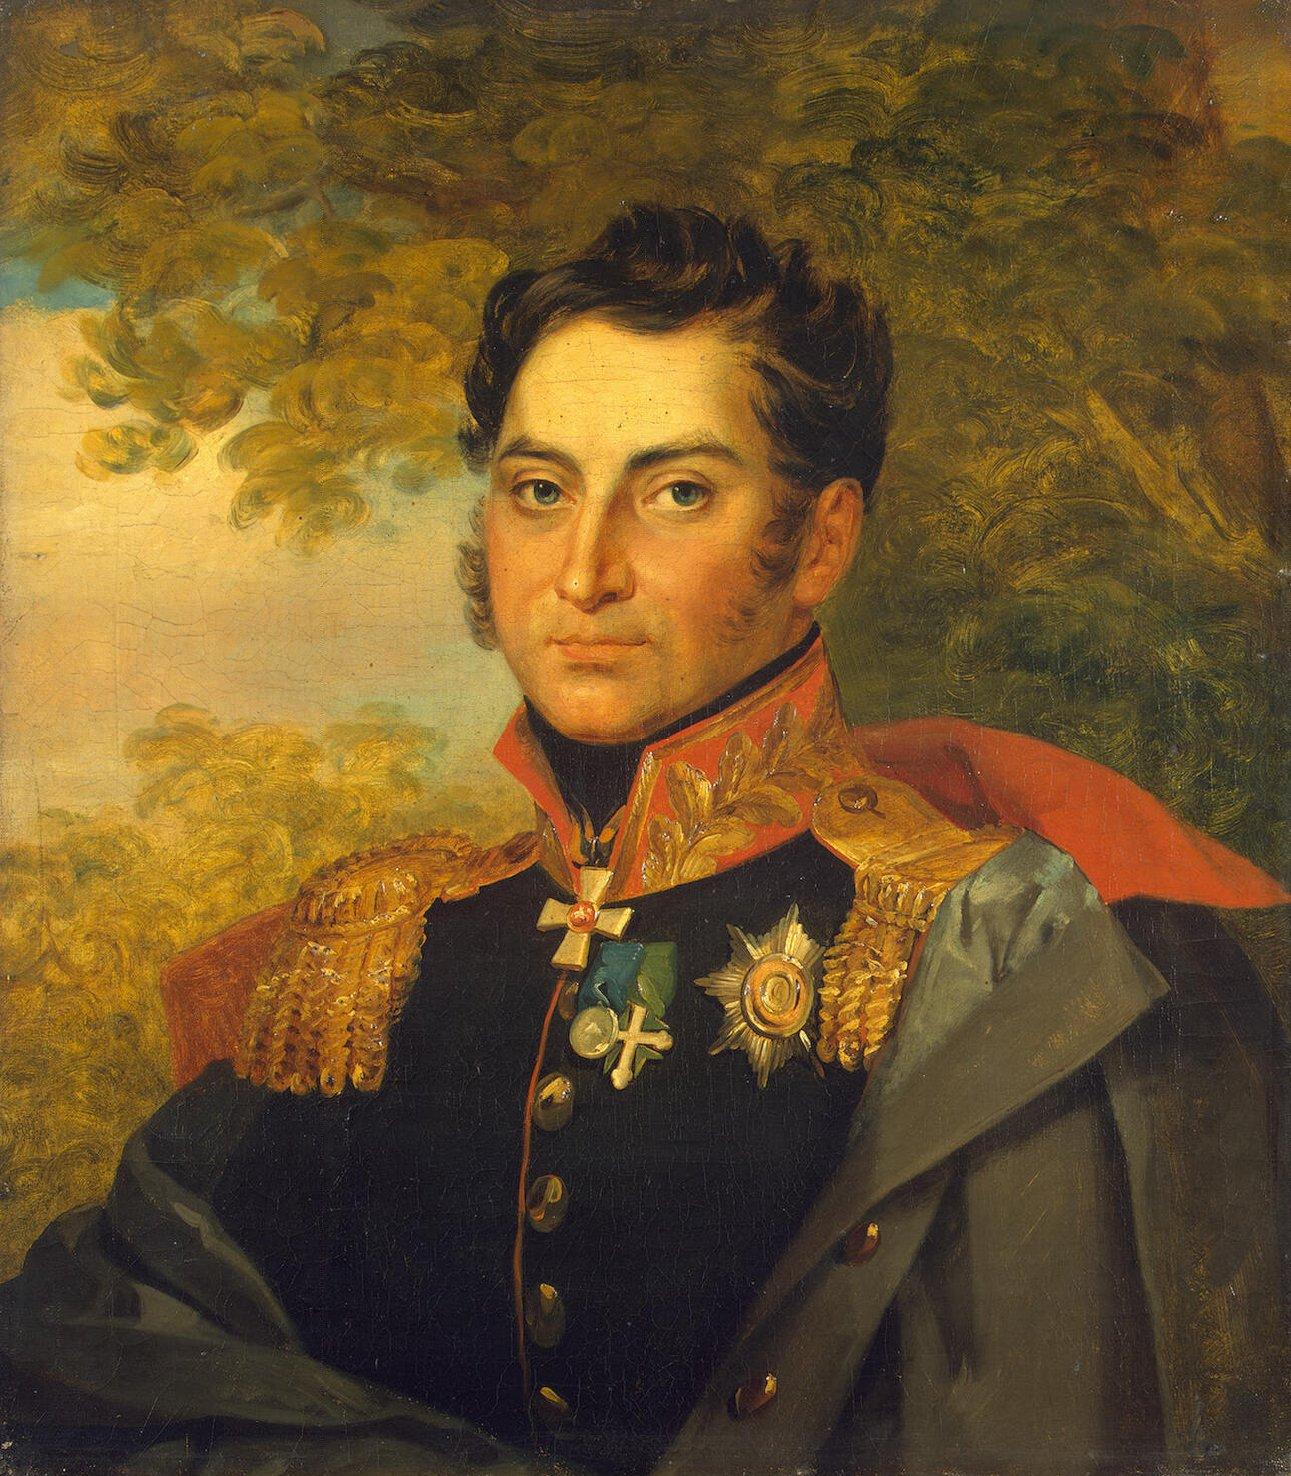 Кретов, Николай Васильевич